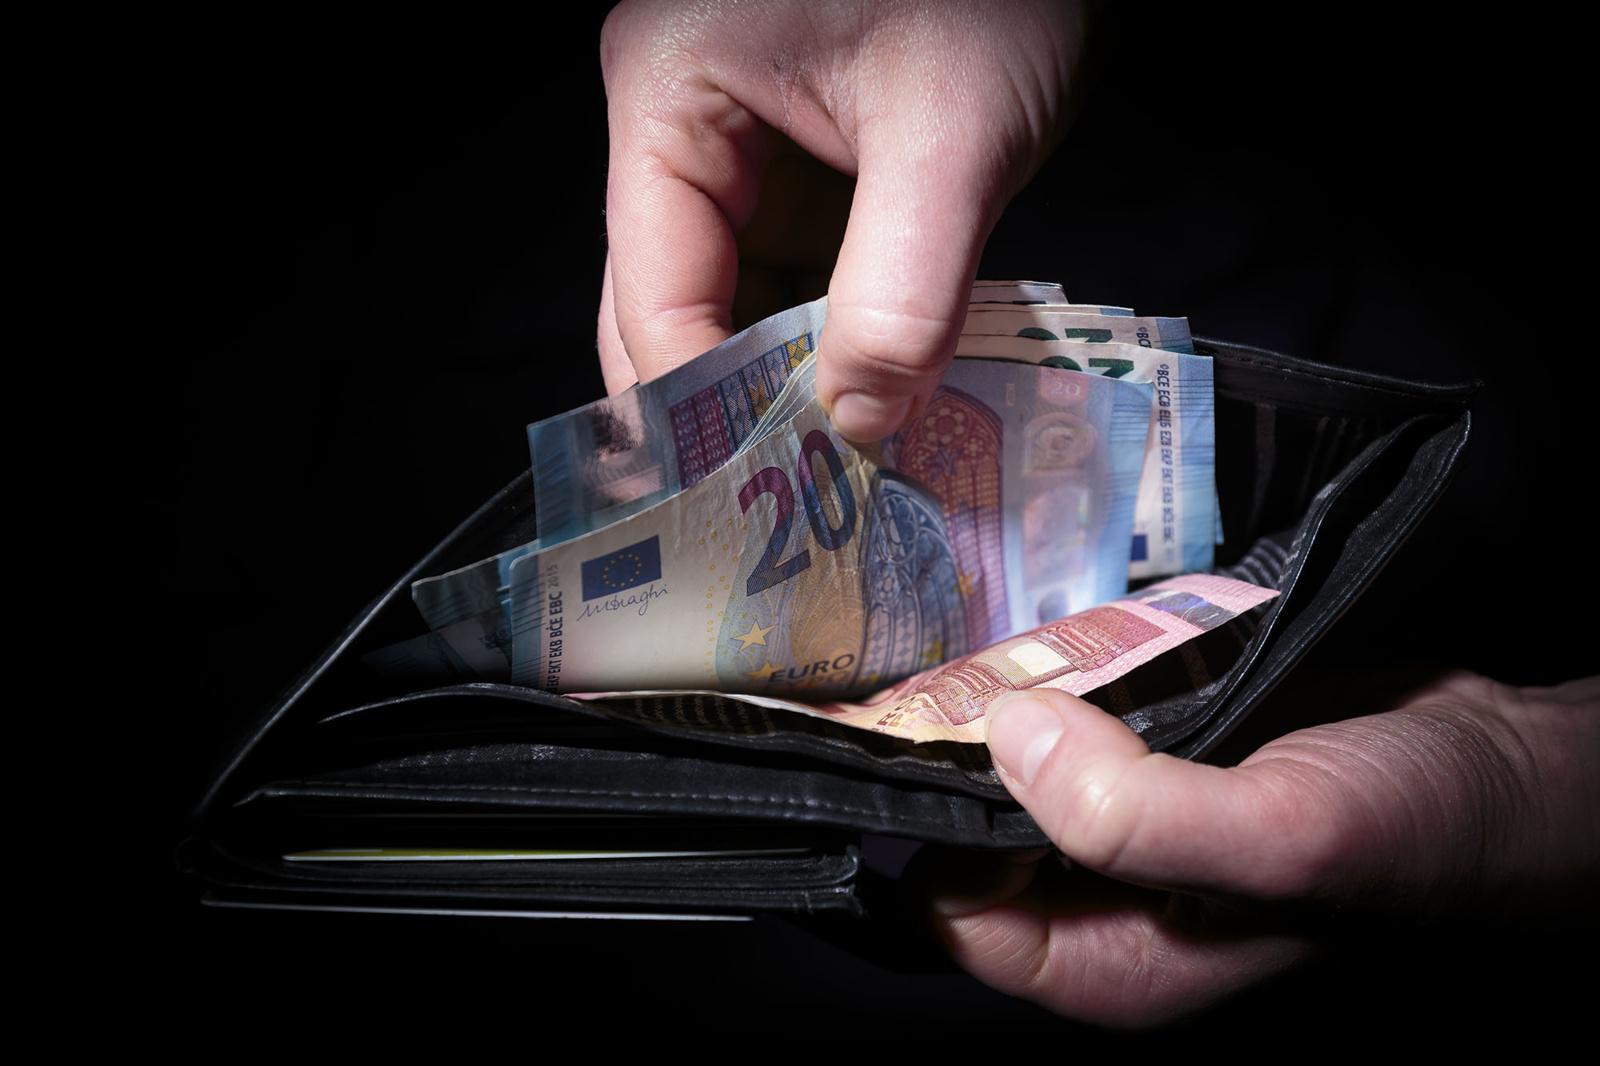 Mažeikių rajone vairuotojas siūlė 2 tūkst. eurų kyšį